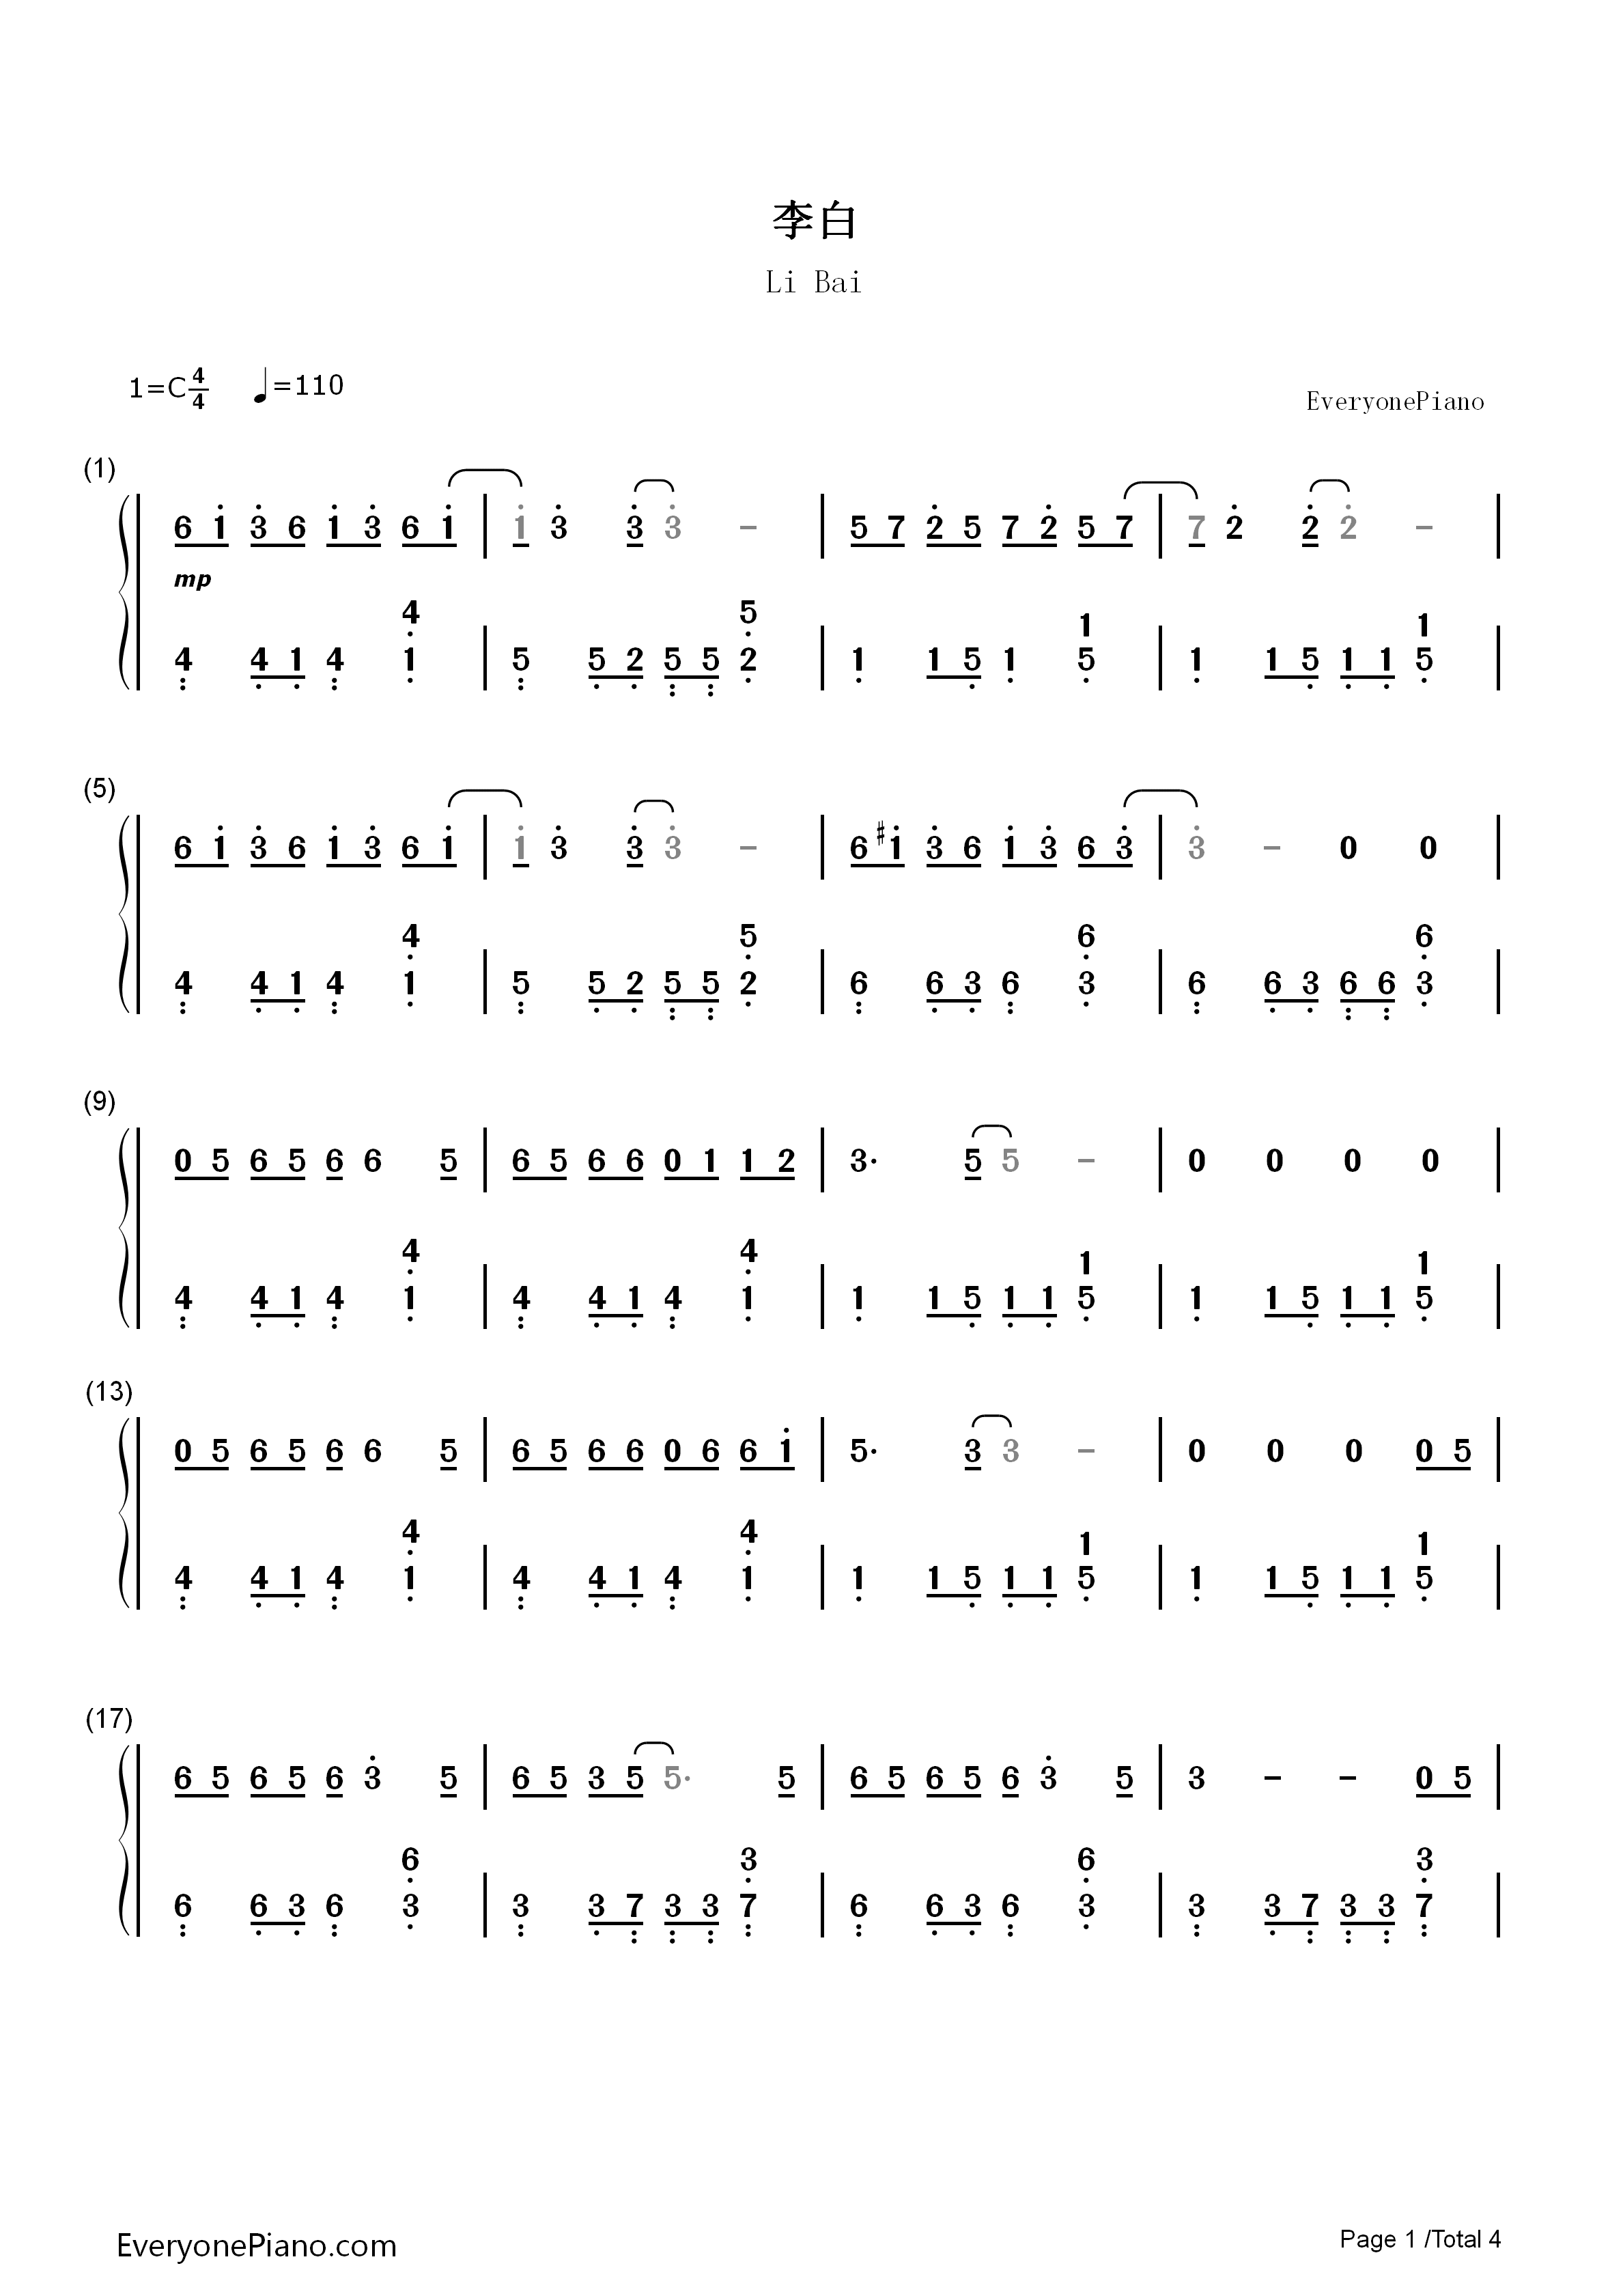 钢琴曲谱 流行 李白-李荣浩 李白-李荣浩双手简谱预览1  }  仅供学习